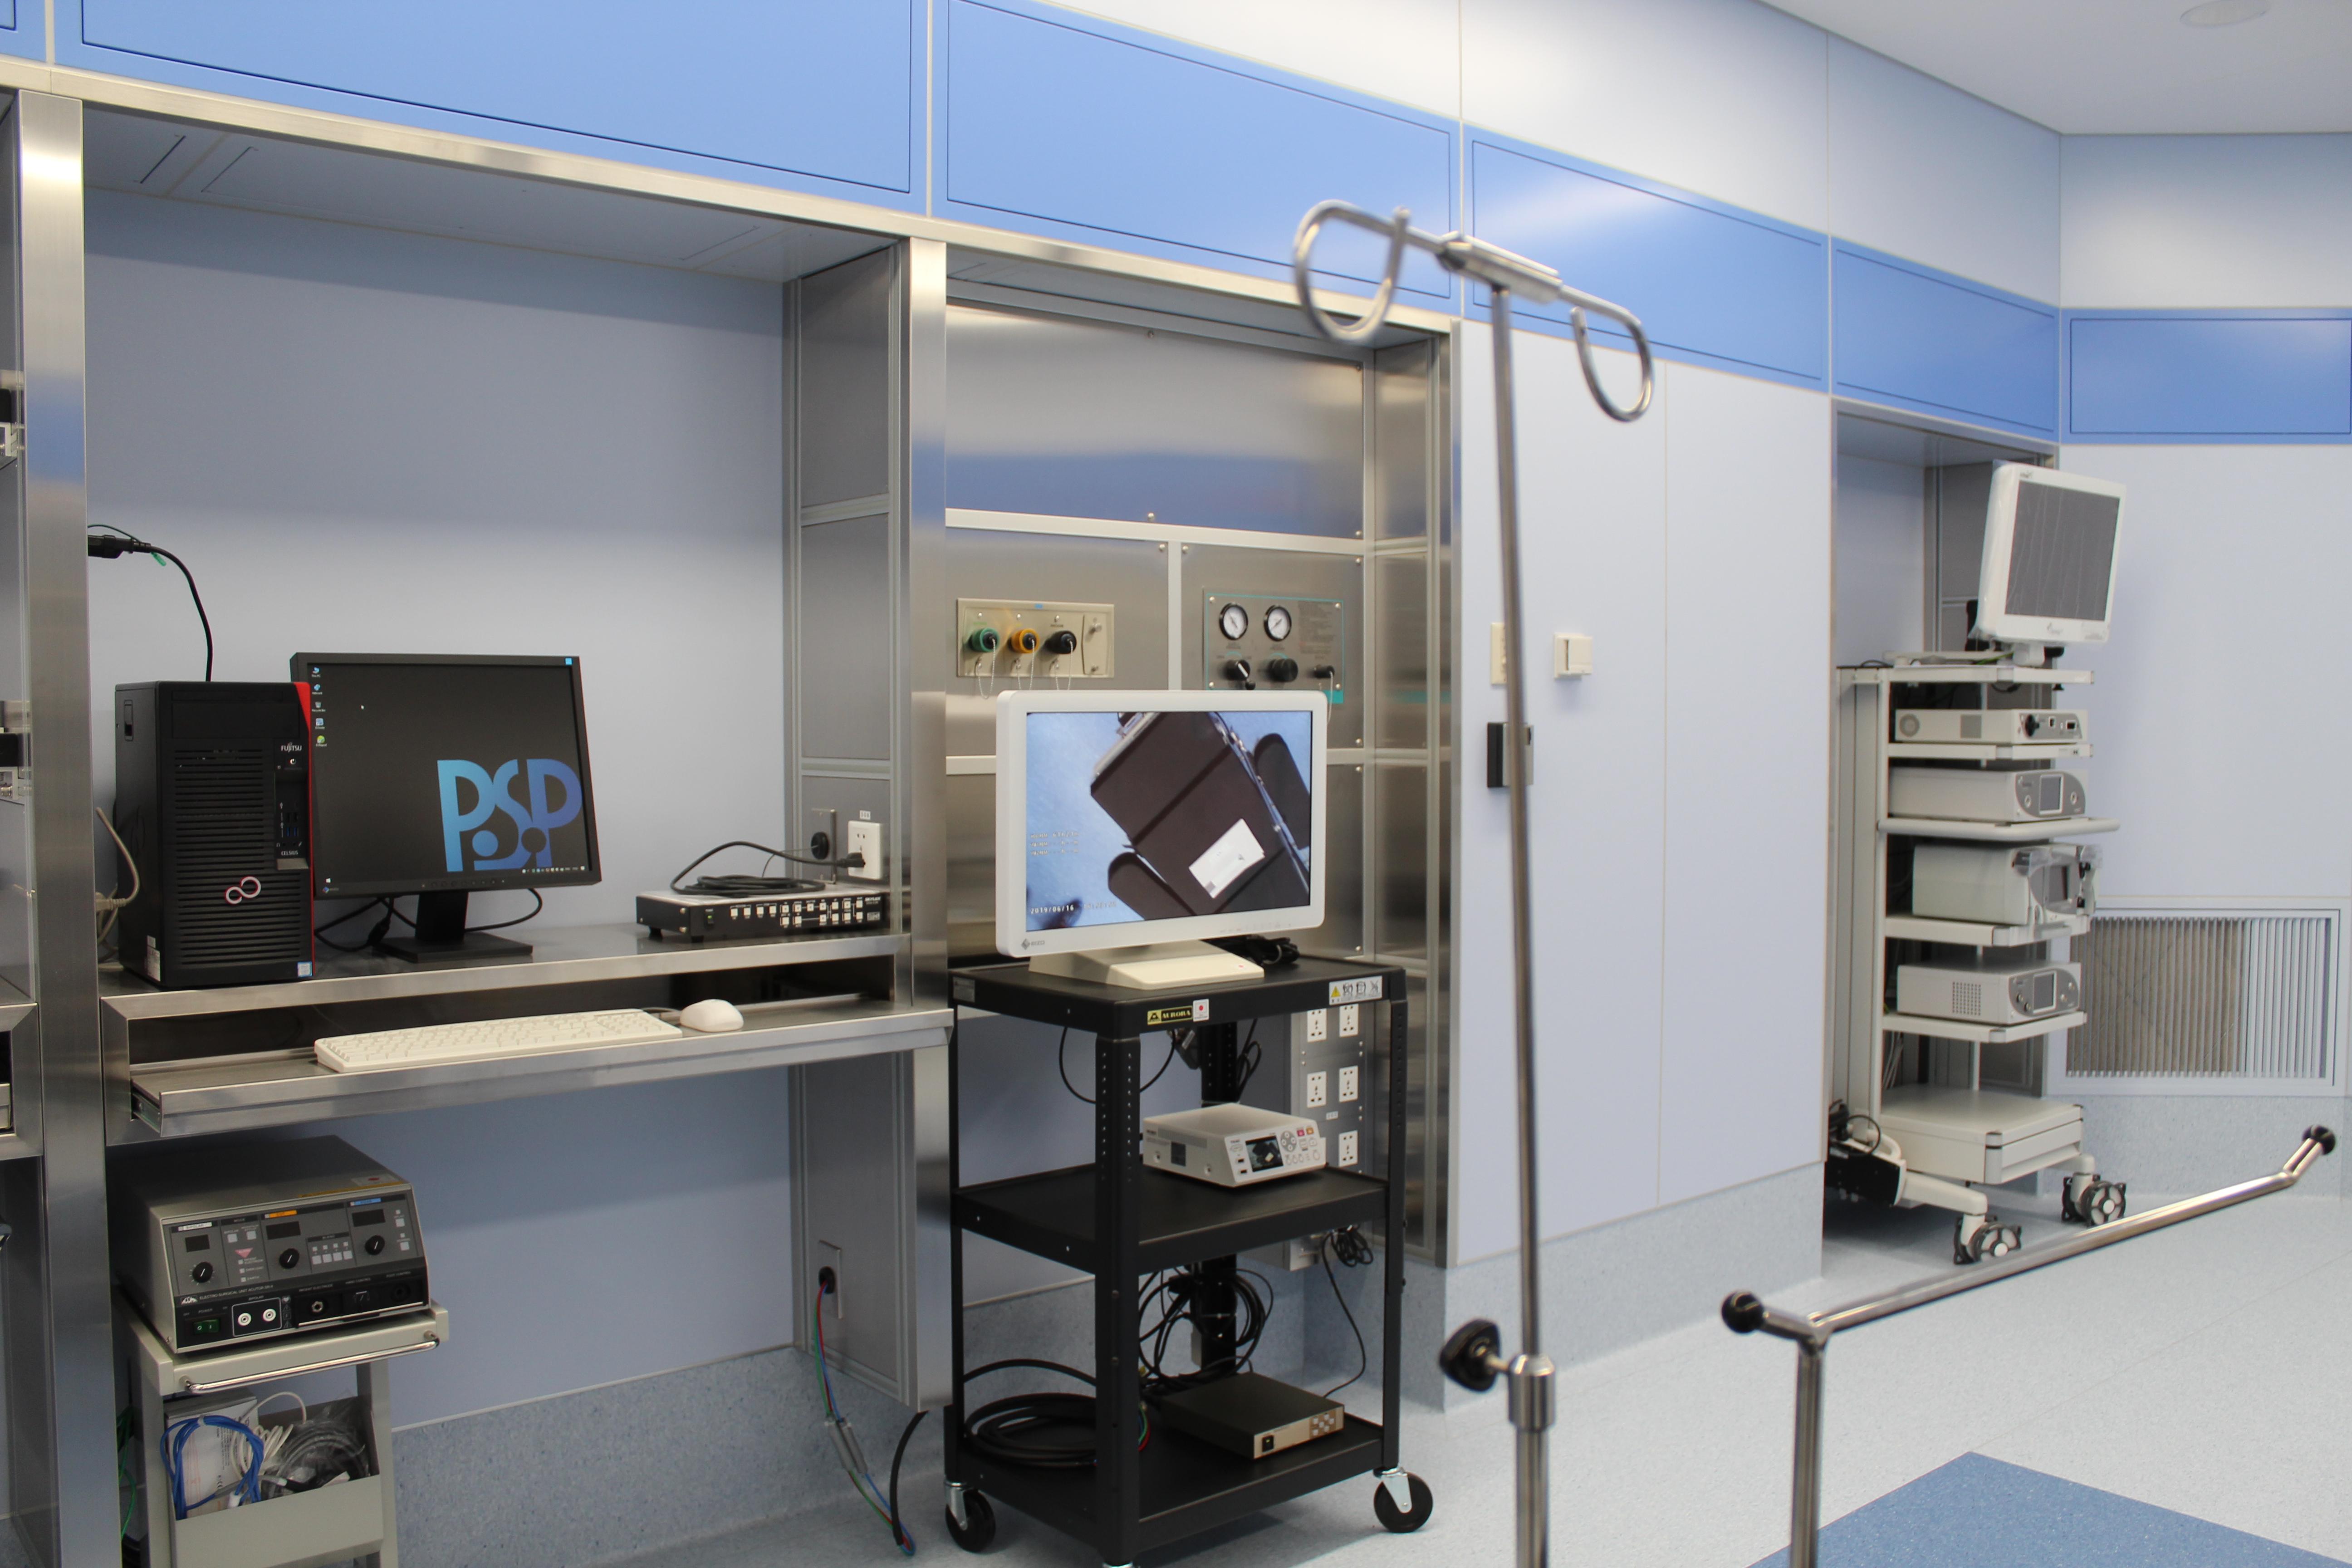 IMG_5661 Л.Ганболд: Мэс заслын тасгийн рентген туяа, цацраг хаалгаар гадагшаа нэвтрэхгүй, бүрэн хамгаалттай